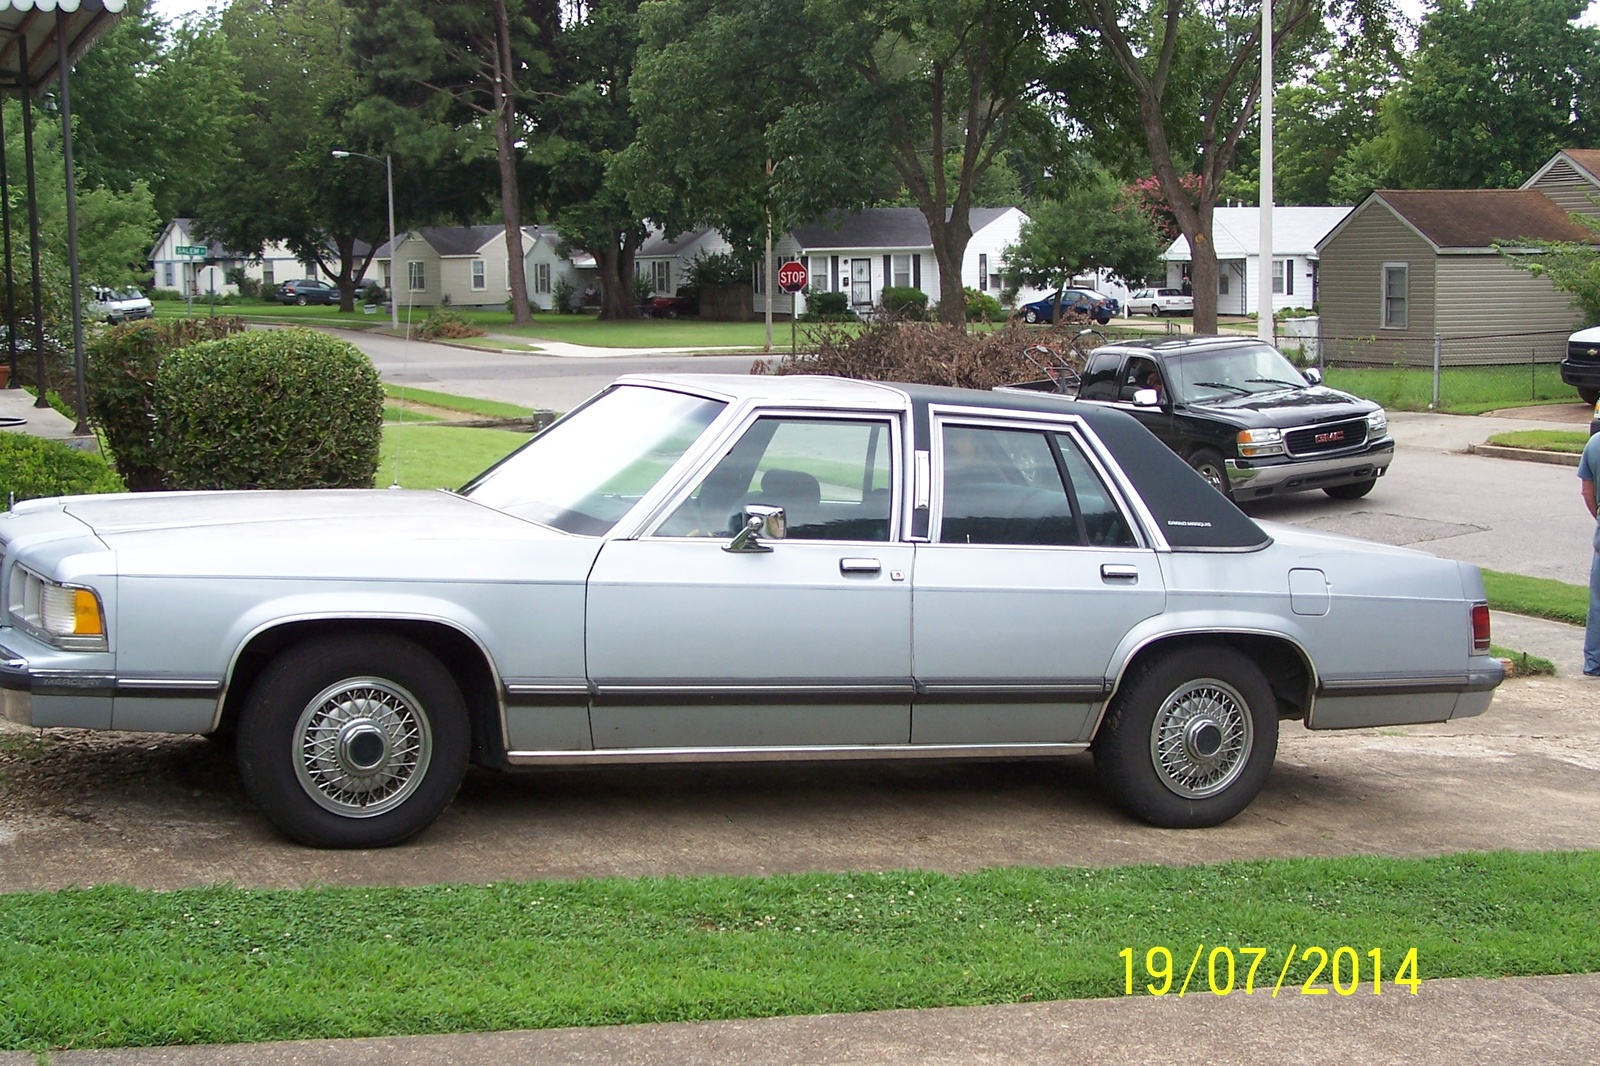 Picture of 1991 Mercury Grand Marquis 4 Dr GS Sedan